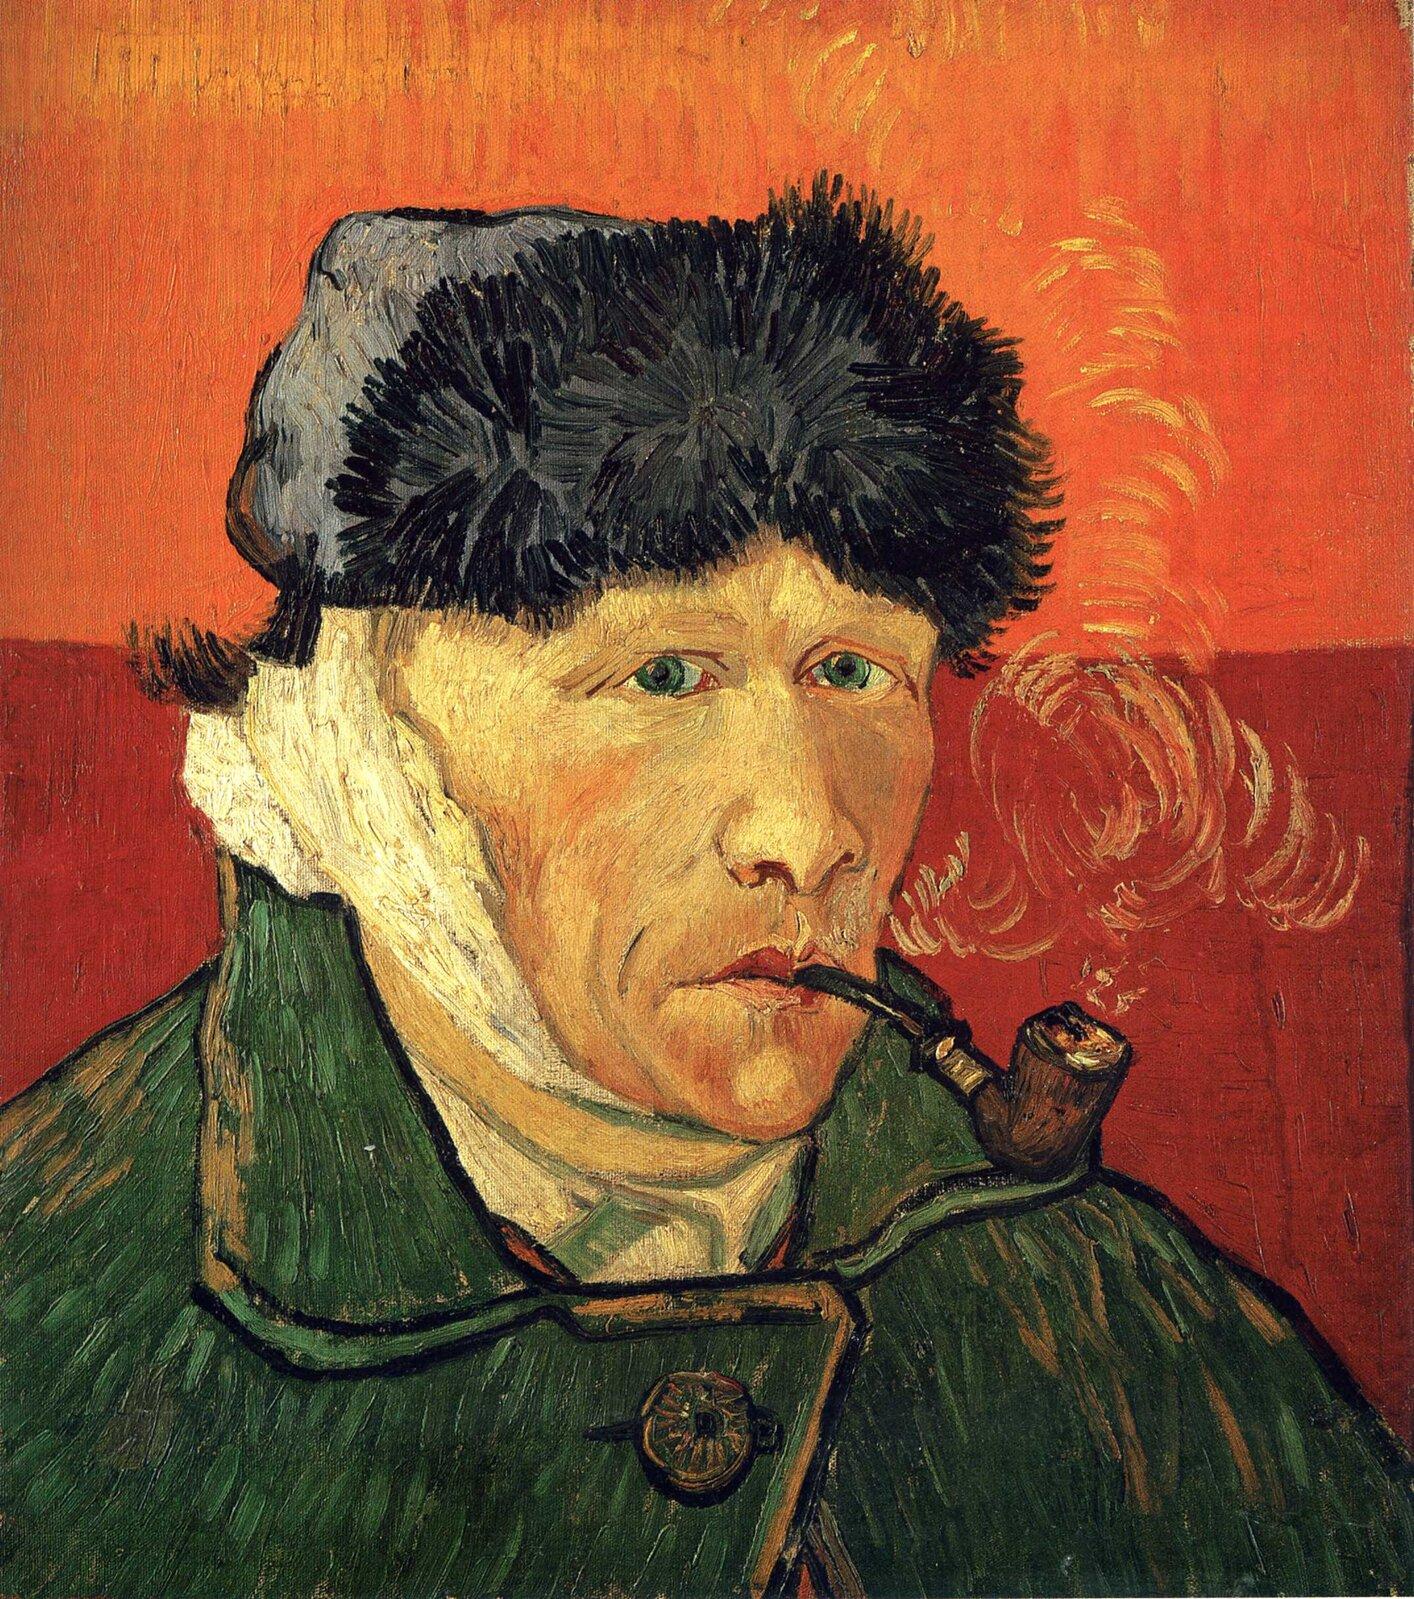 Vincent van Gogh, Autoportret zzabandażowanym uchem ifajką, 1889, Źródło: Wikipaintings.org, Vincent van Gogh, Autoportret zzabandażowanym uchem ifajką, 1889,, olej na płótnie, kolekcja prywatna, licencja: CC 0.